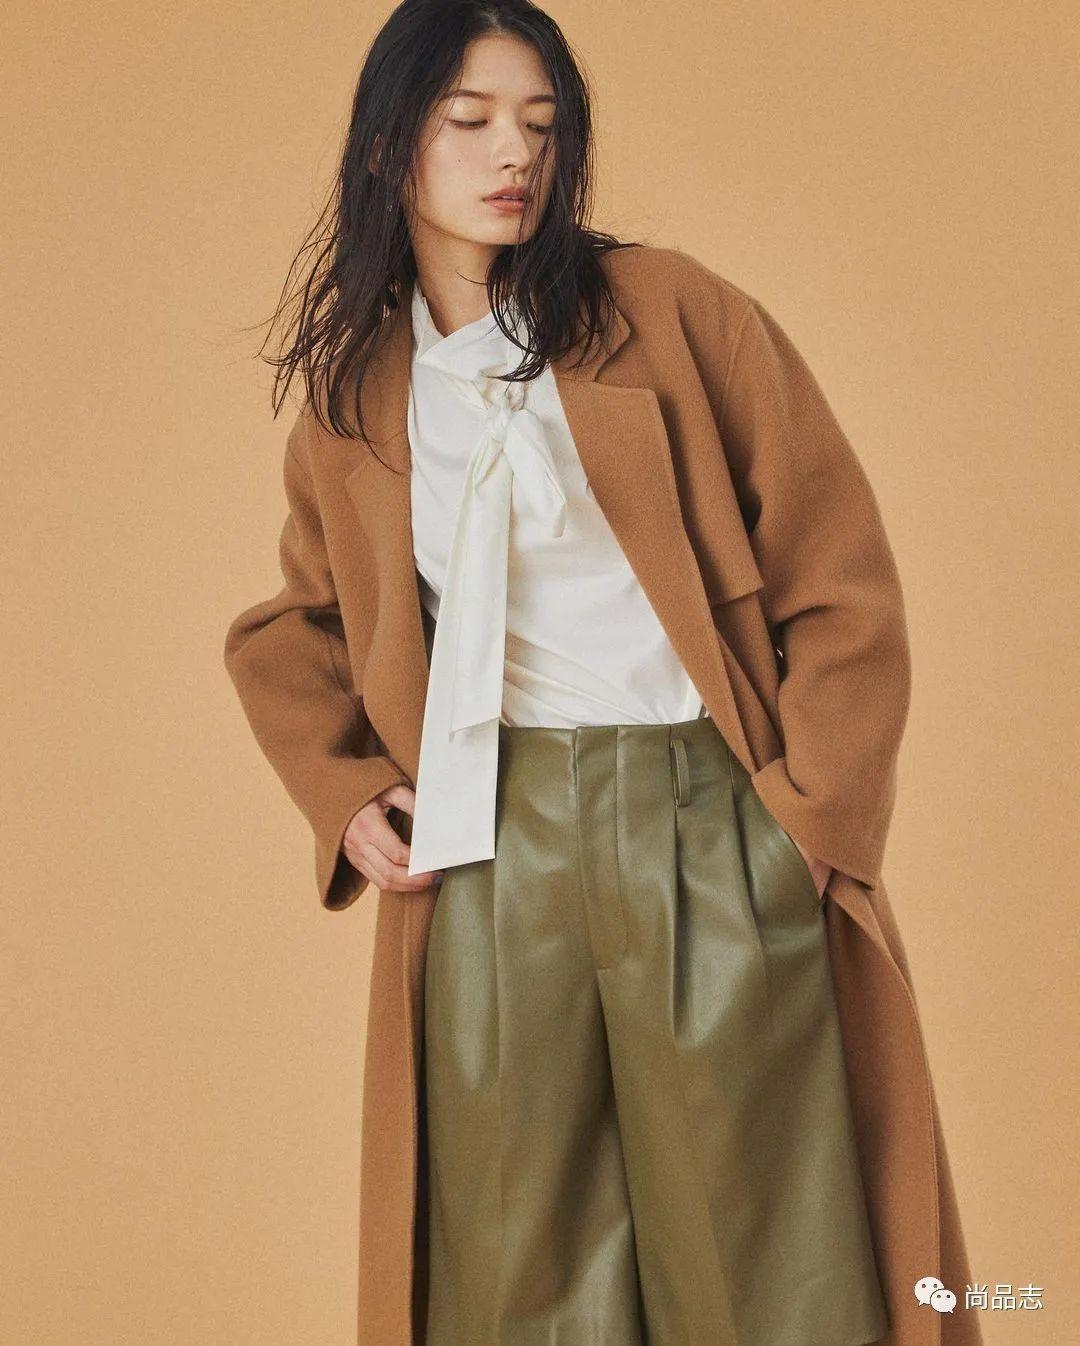 「大衣与外套你选哪件」秋冬必须要有这3件大衣!